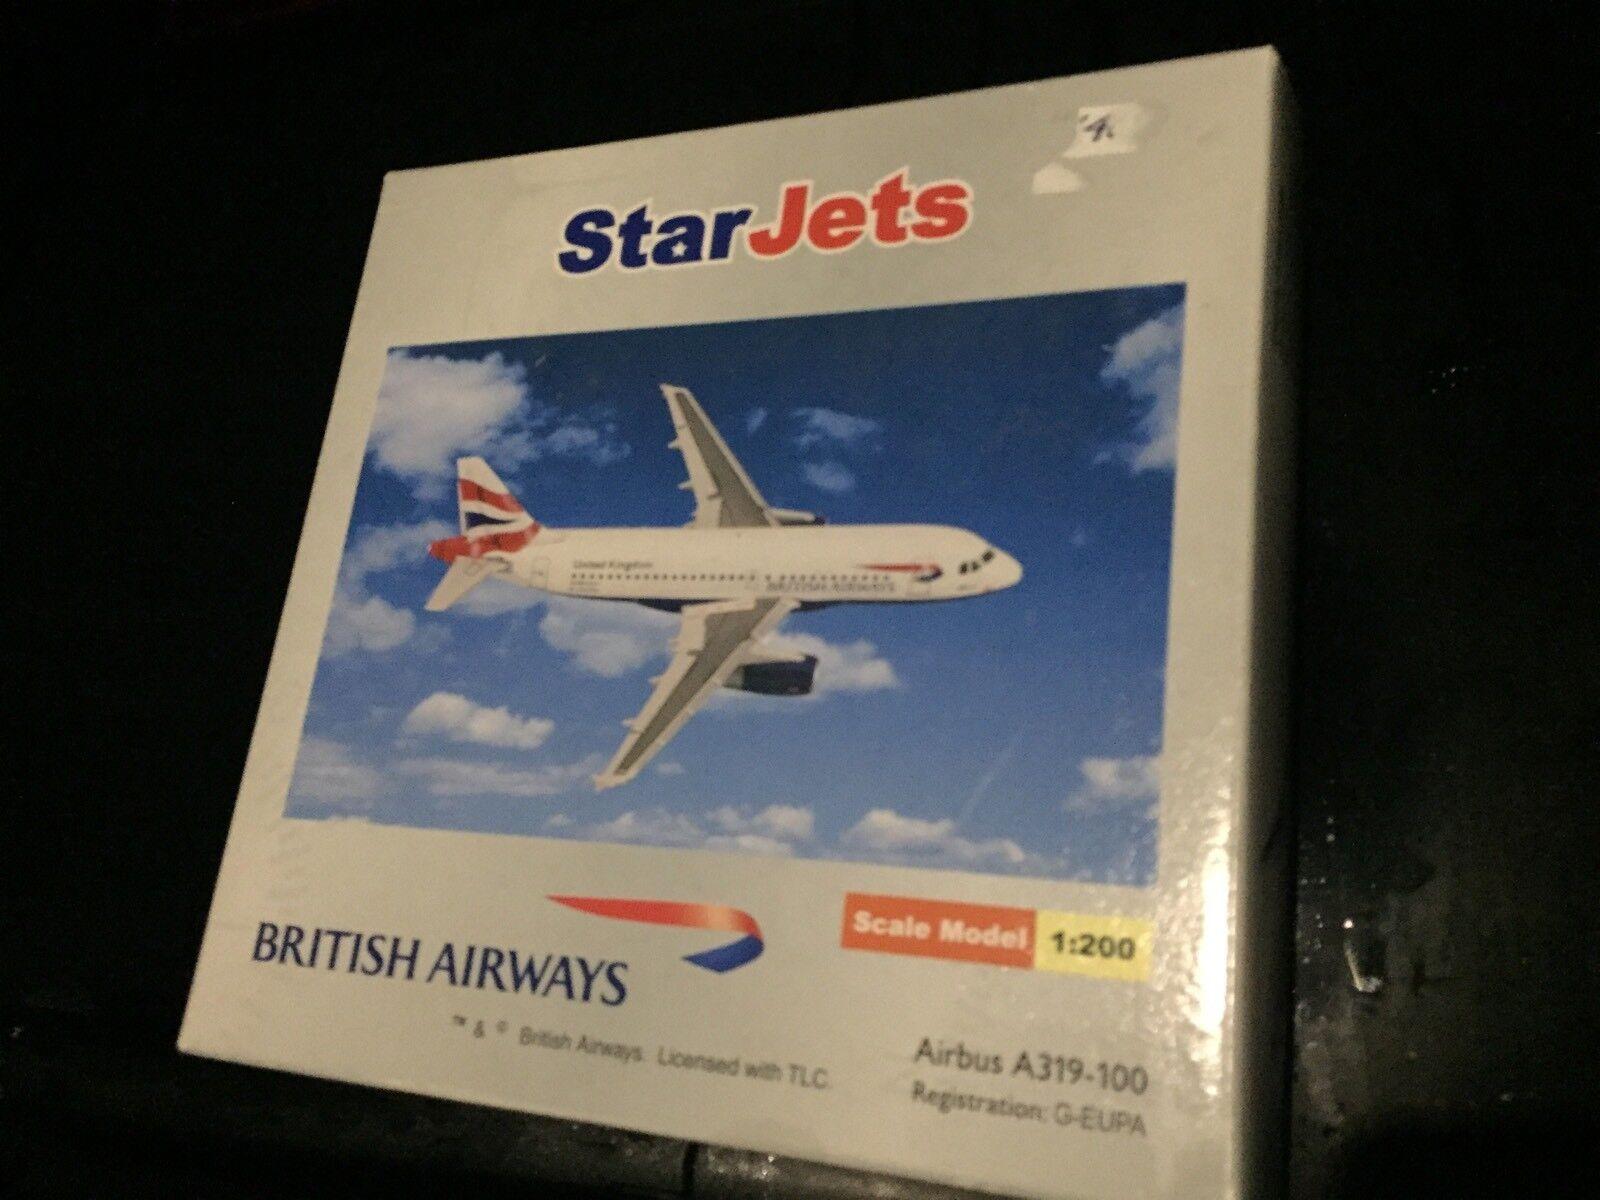 estrella Jets 1 200 Airautobus A319 British Airways Reg  G-EUPA nuovo Unopen